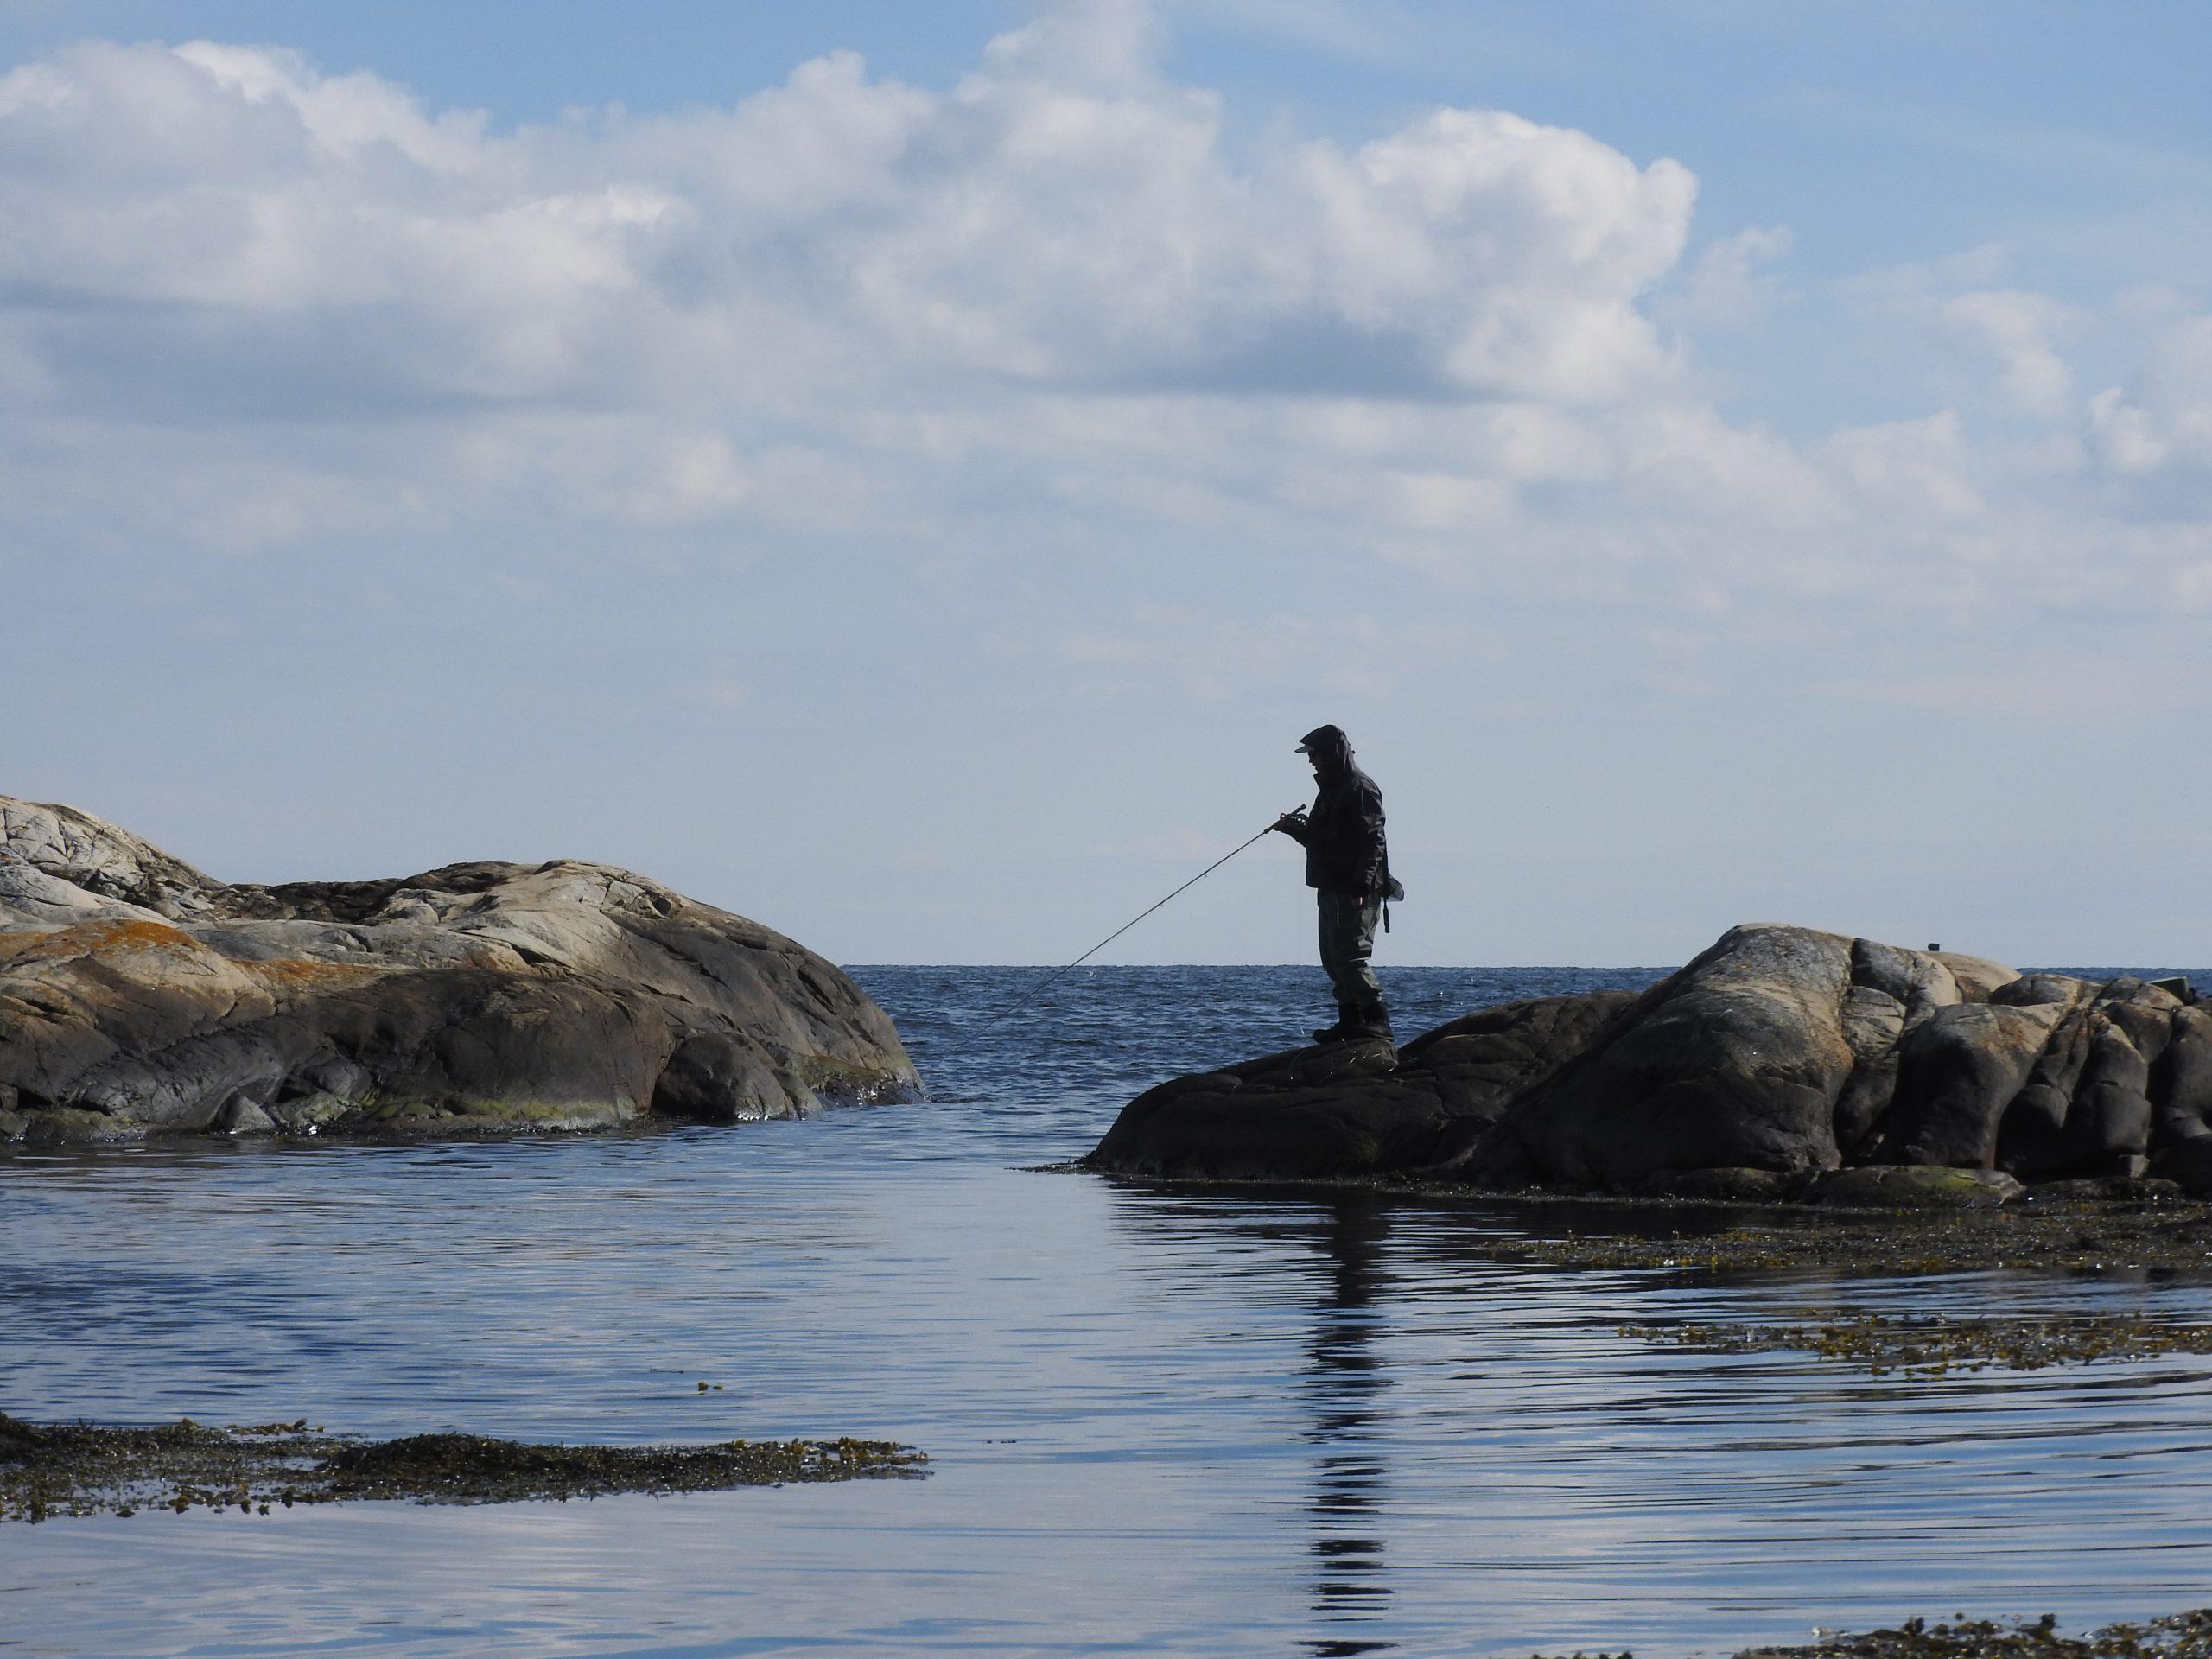 Sommerfiske er oftest synonymt med yttaskjærsfiske